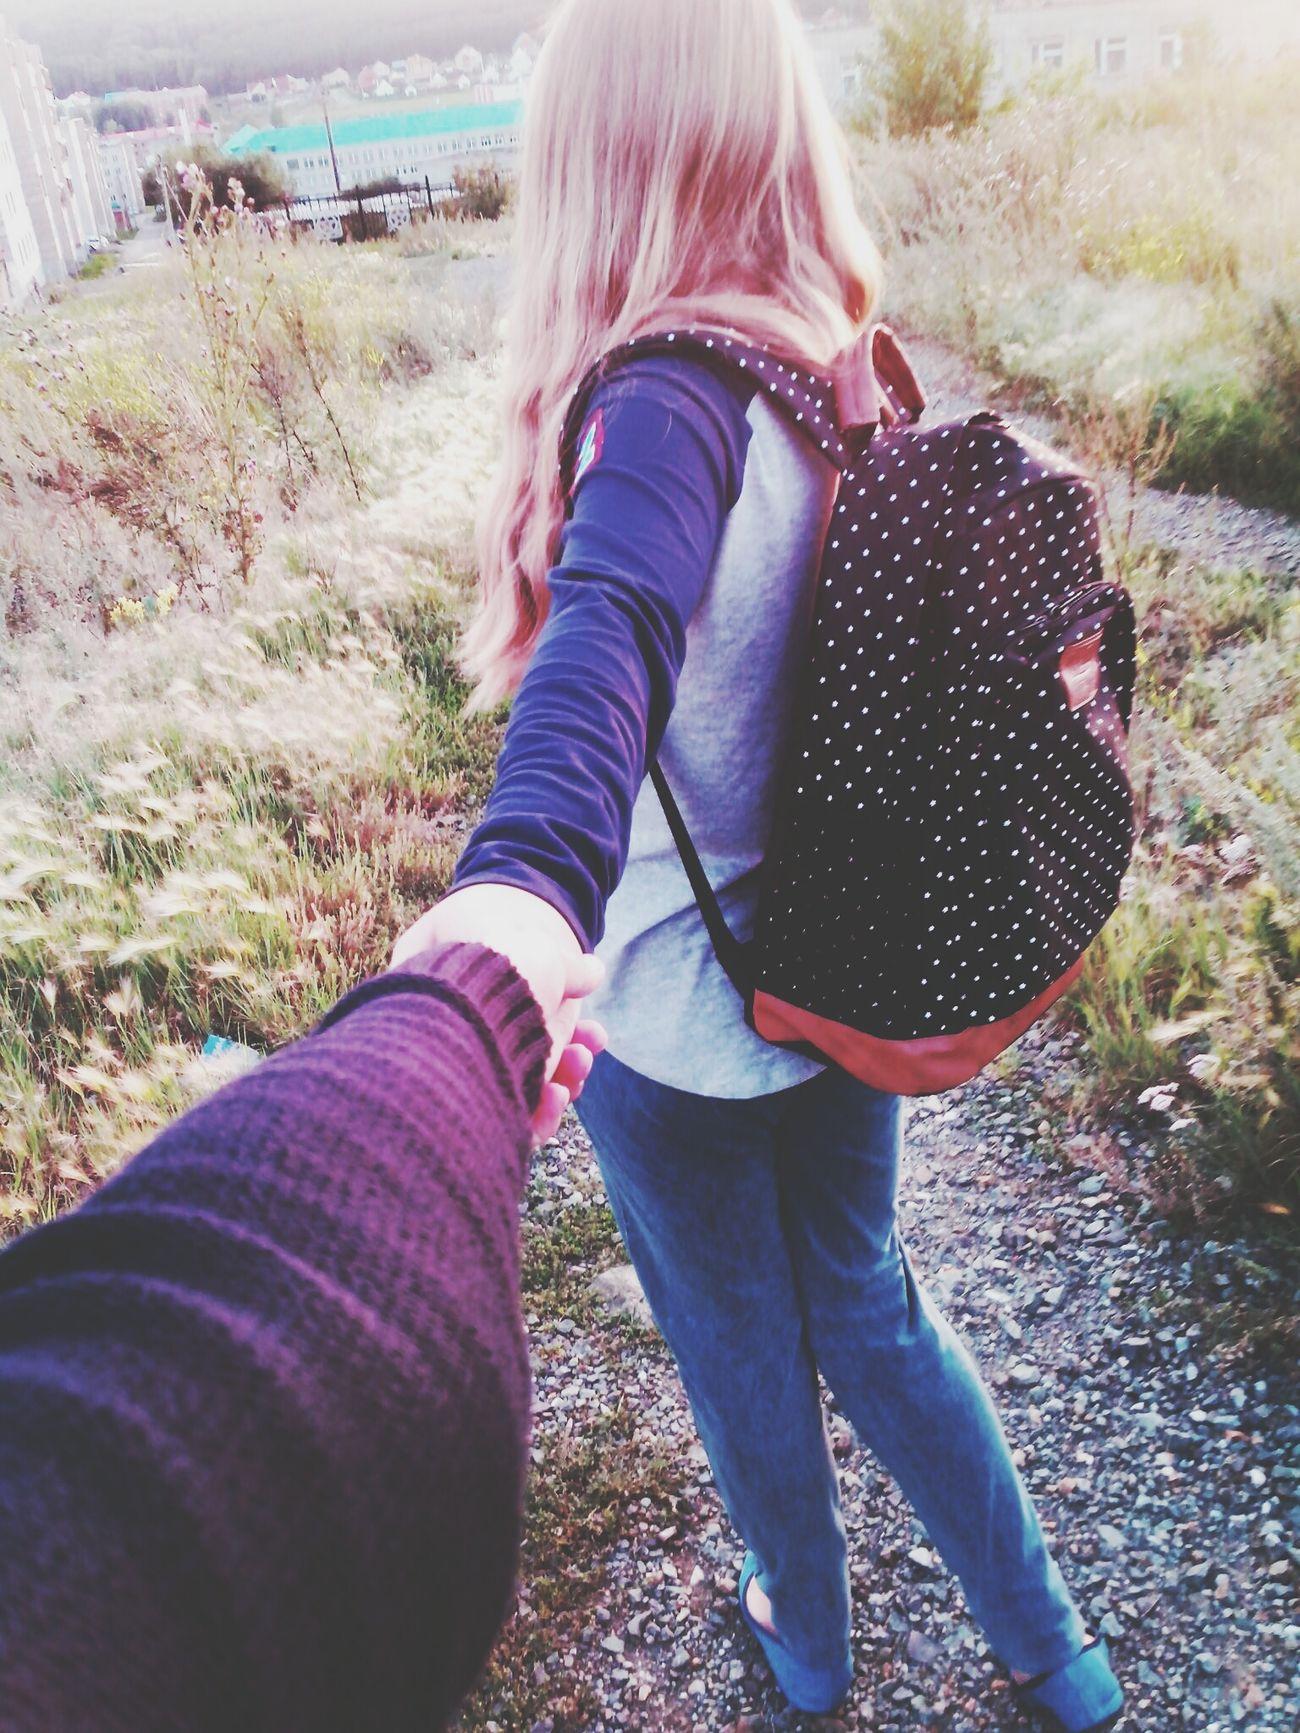 Friend ♡ подруга следуй за мной лал